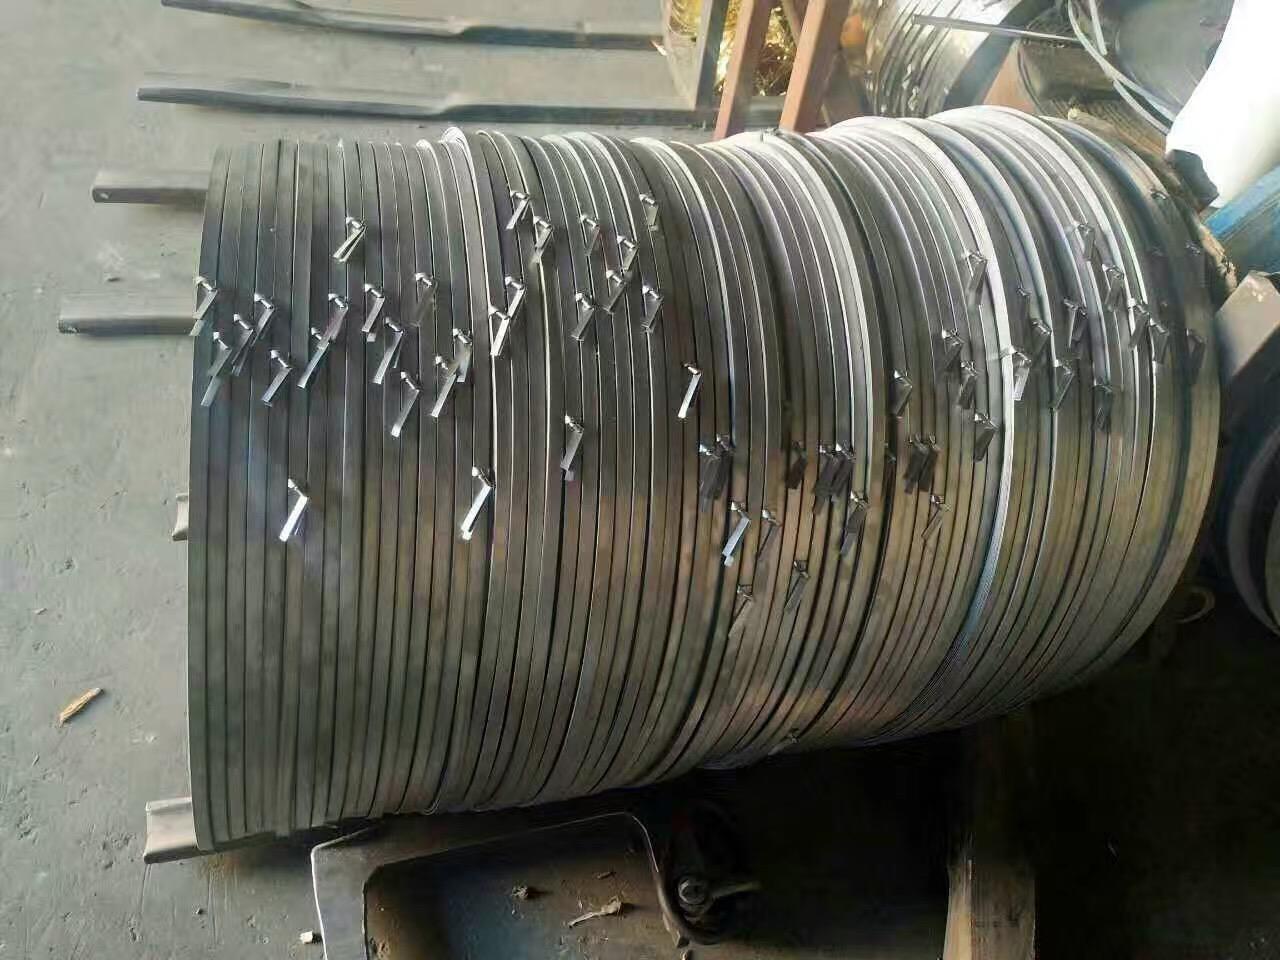 B441不锈钢带  SUS441不锈钢带  441不锈钢带价格 441不锈钢带厂家